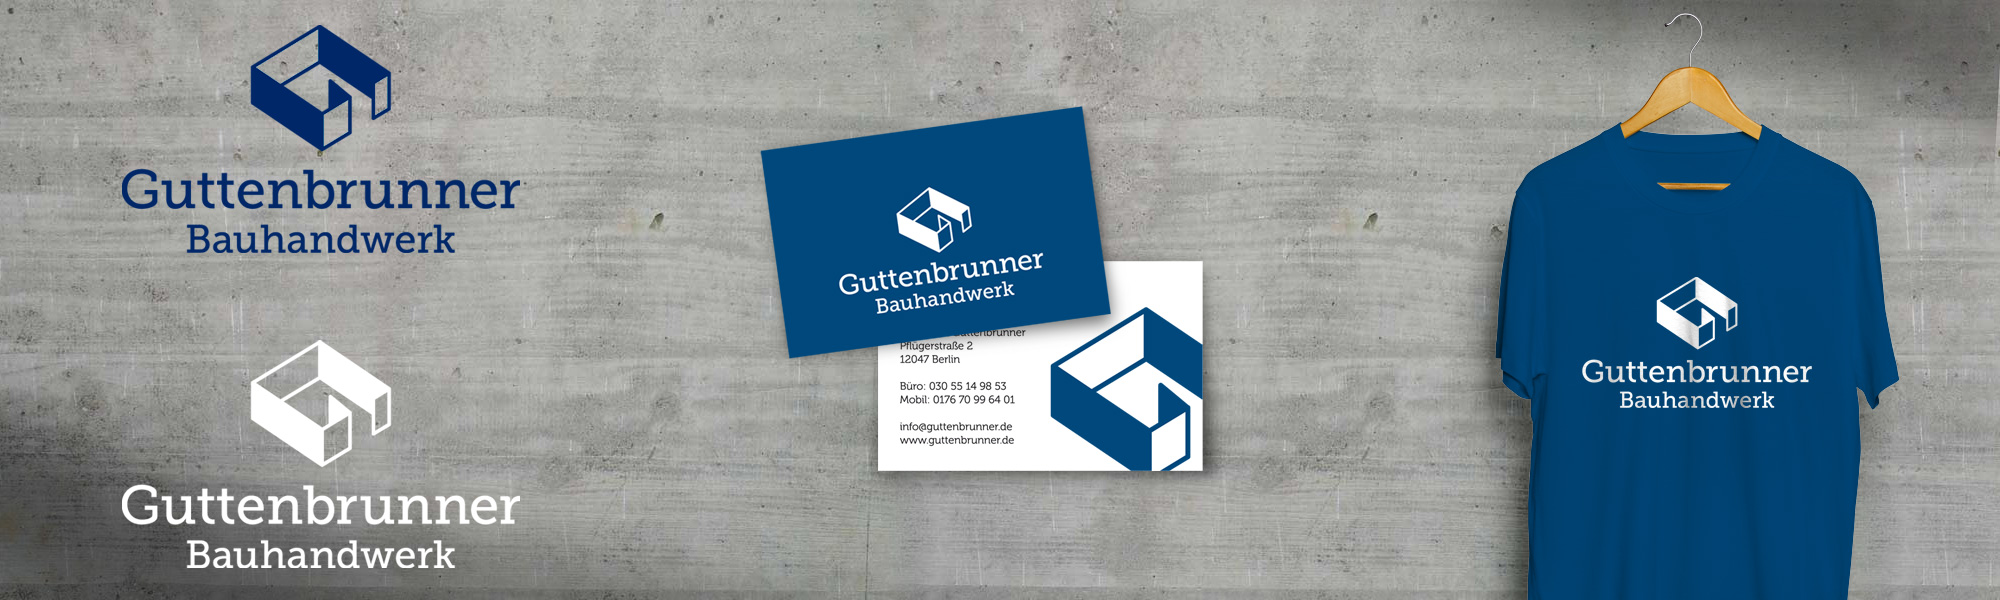 <a href='http://spreepunkt.de/guttenbrunner-bauhandwerk/'></a>